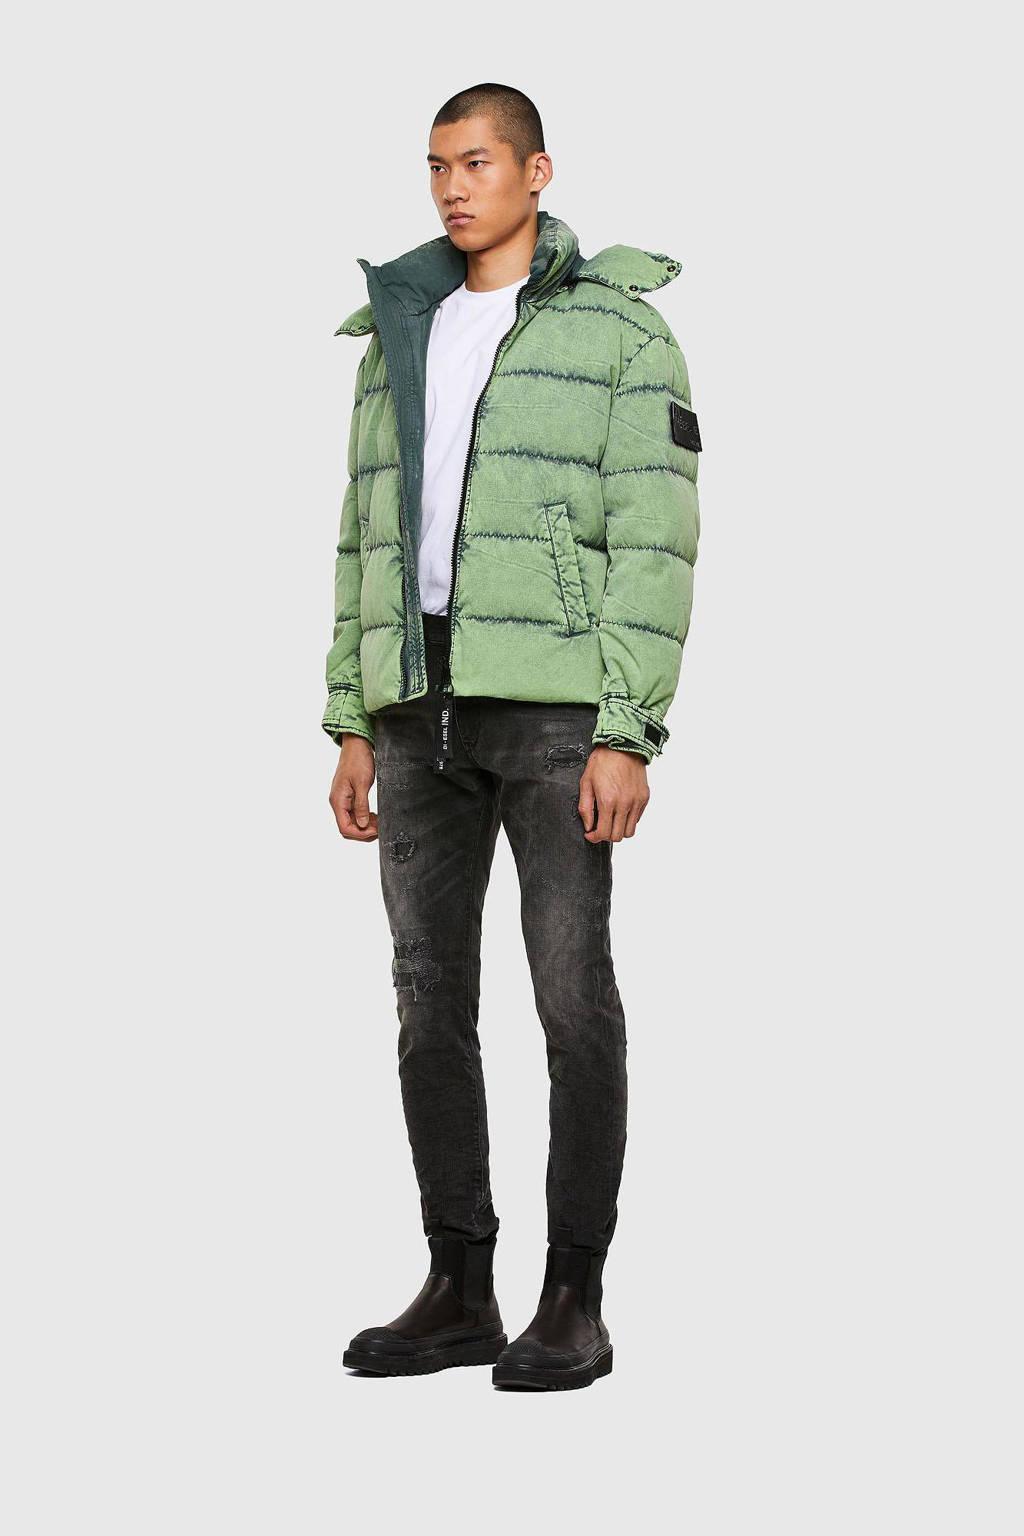 Diesel jas groen, Groen